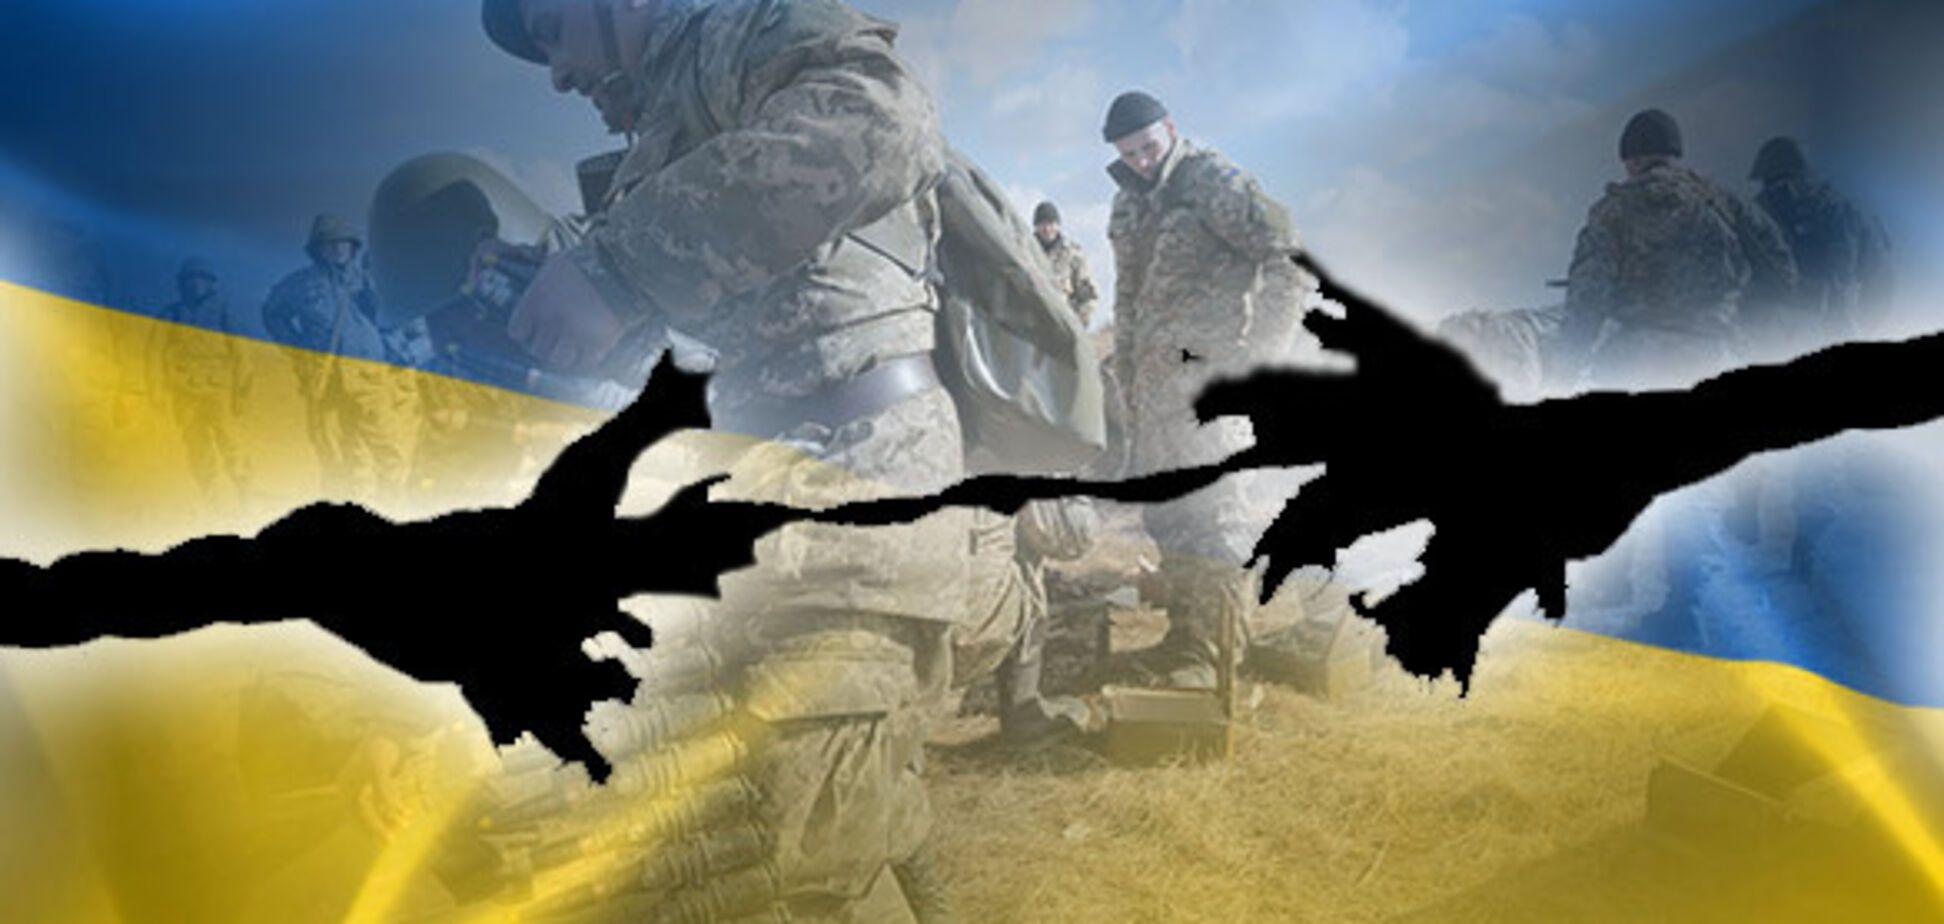 'Ми до українців добре ставимося': в Росії оцінили ідею розриву дипвідносин